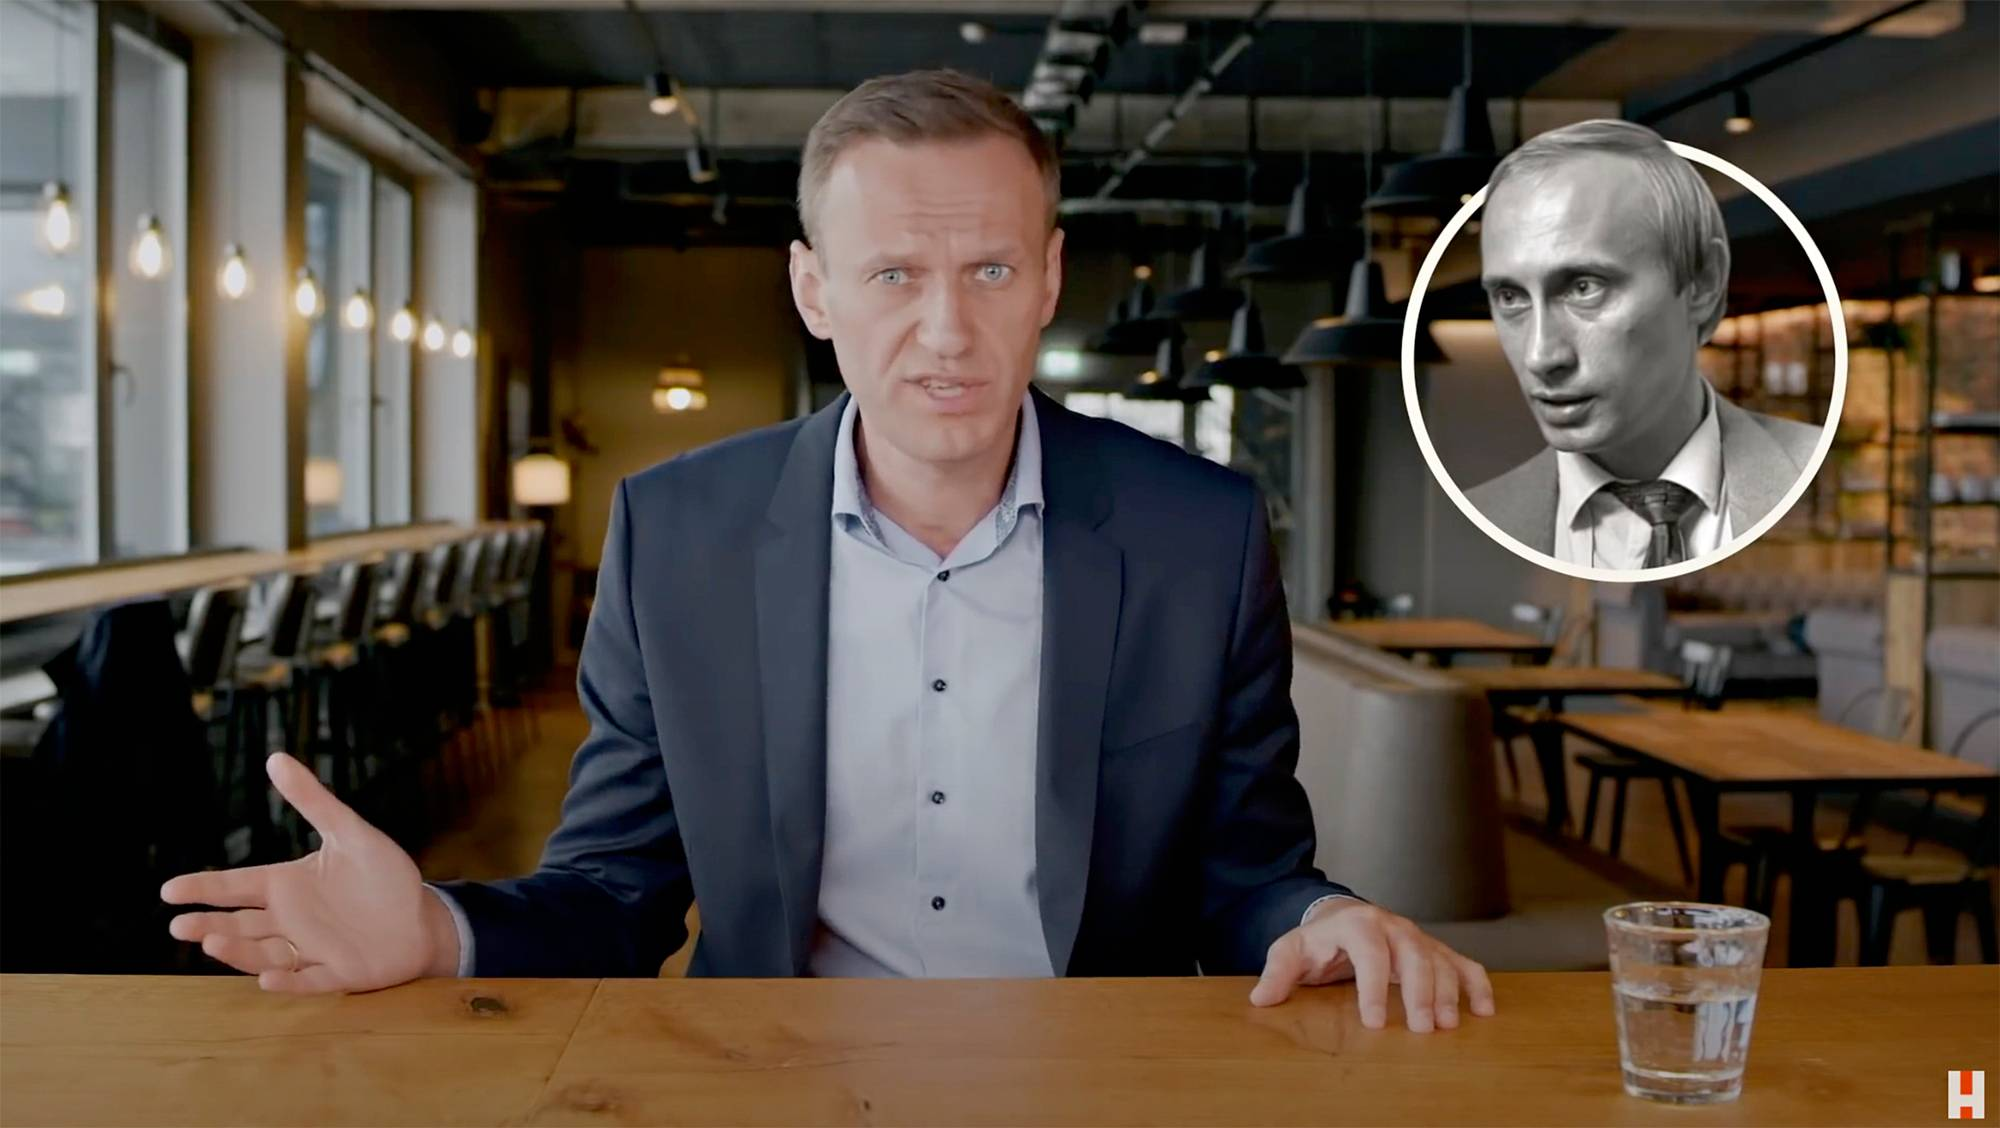 Palatsi Putinille–suurimman lahjuksen historia -dokumentti julkaistiin 19. tammikuuta Navalnyin jo ollessa esitutkintavankeudessa.